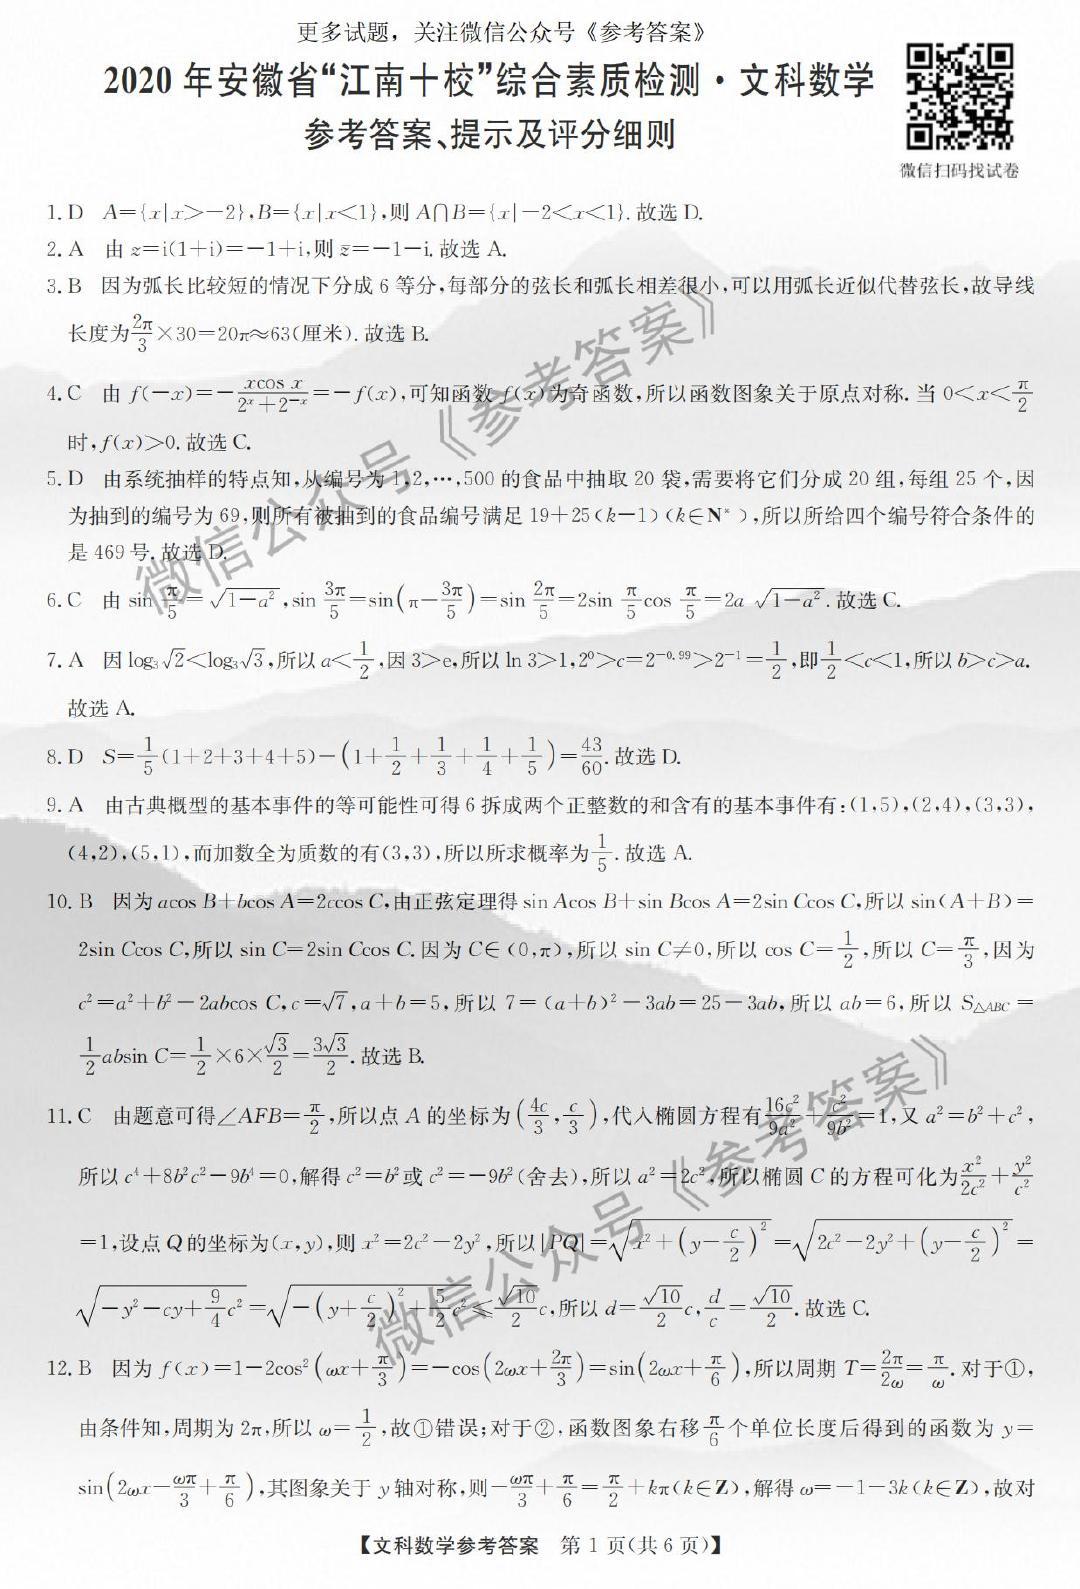 """2020年安徽省""""江南十校""""综合素质检测文科数学答案"""